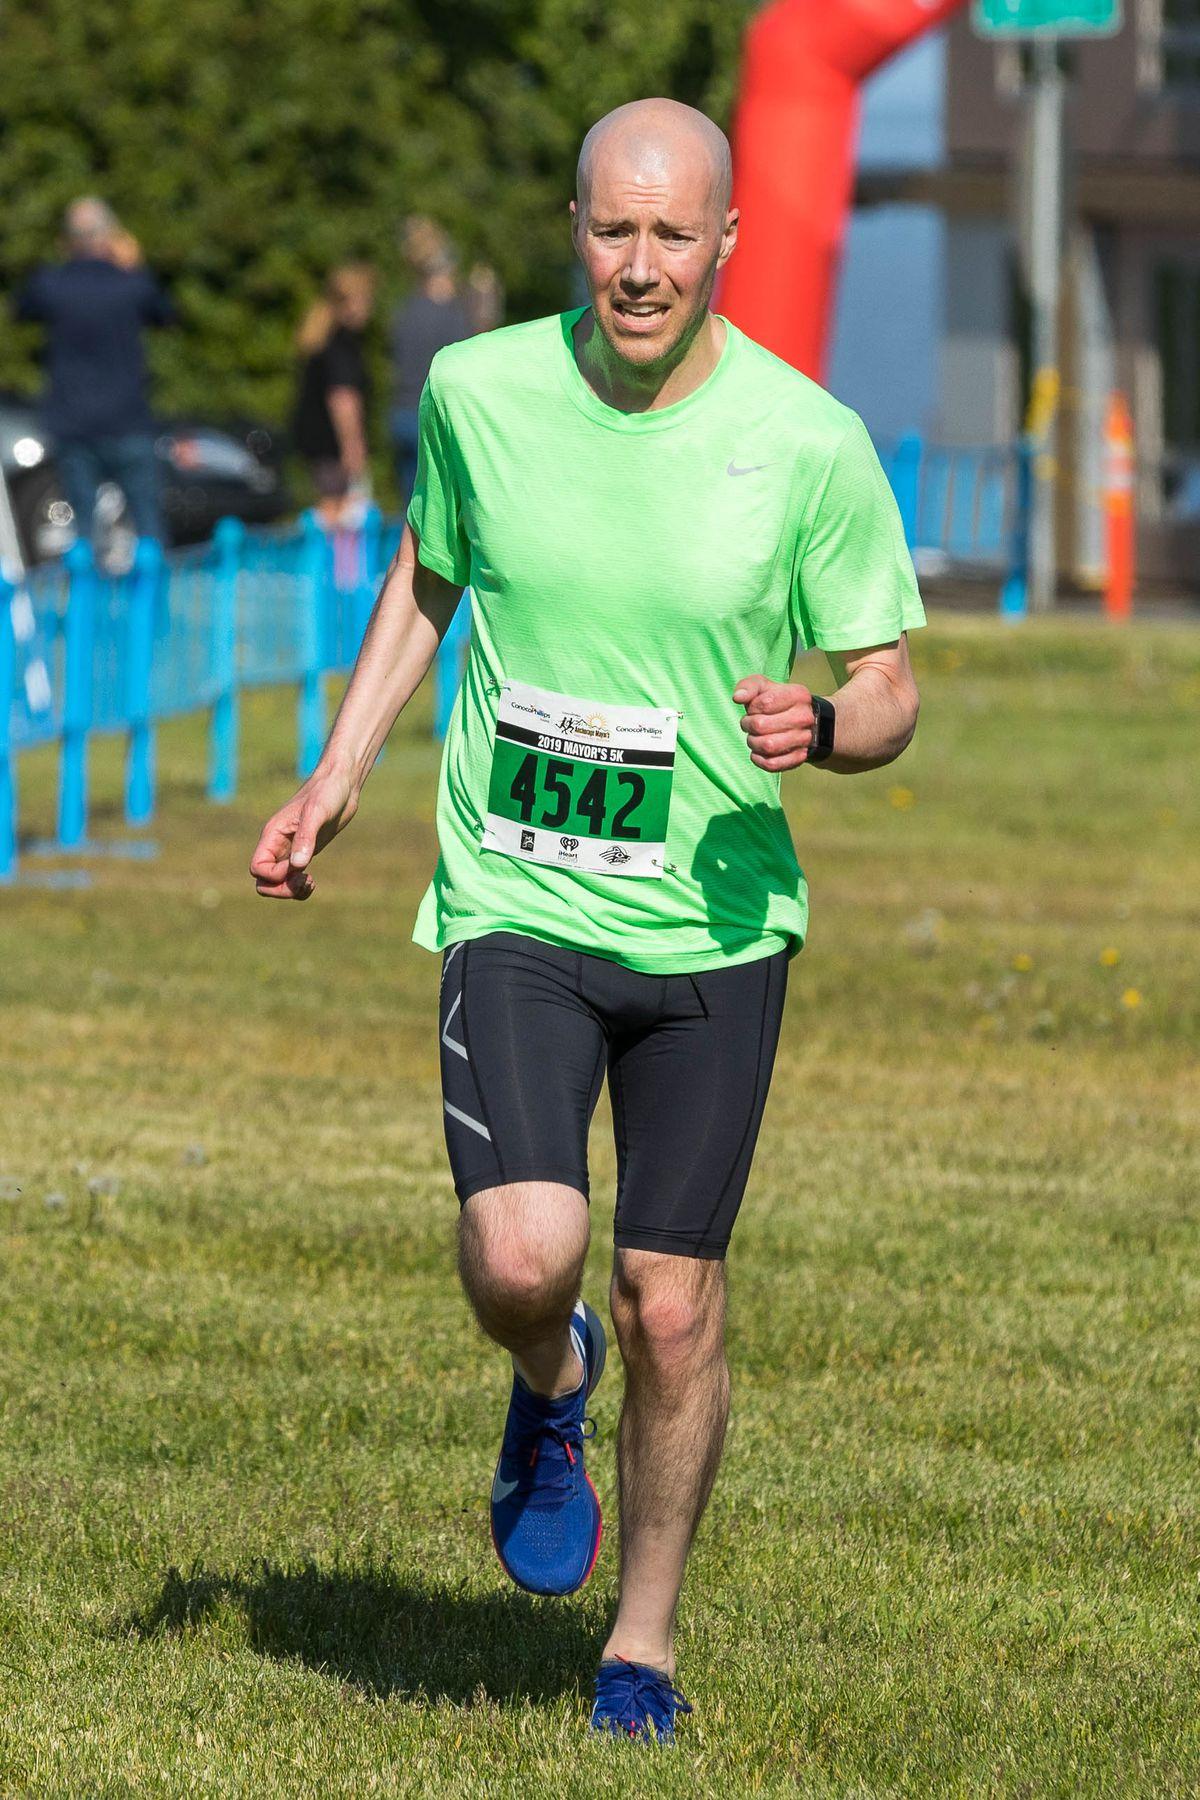 Caroline Kurgat smashes Mayor's half marathon record